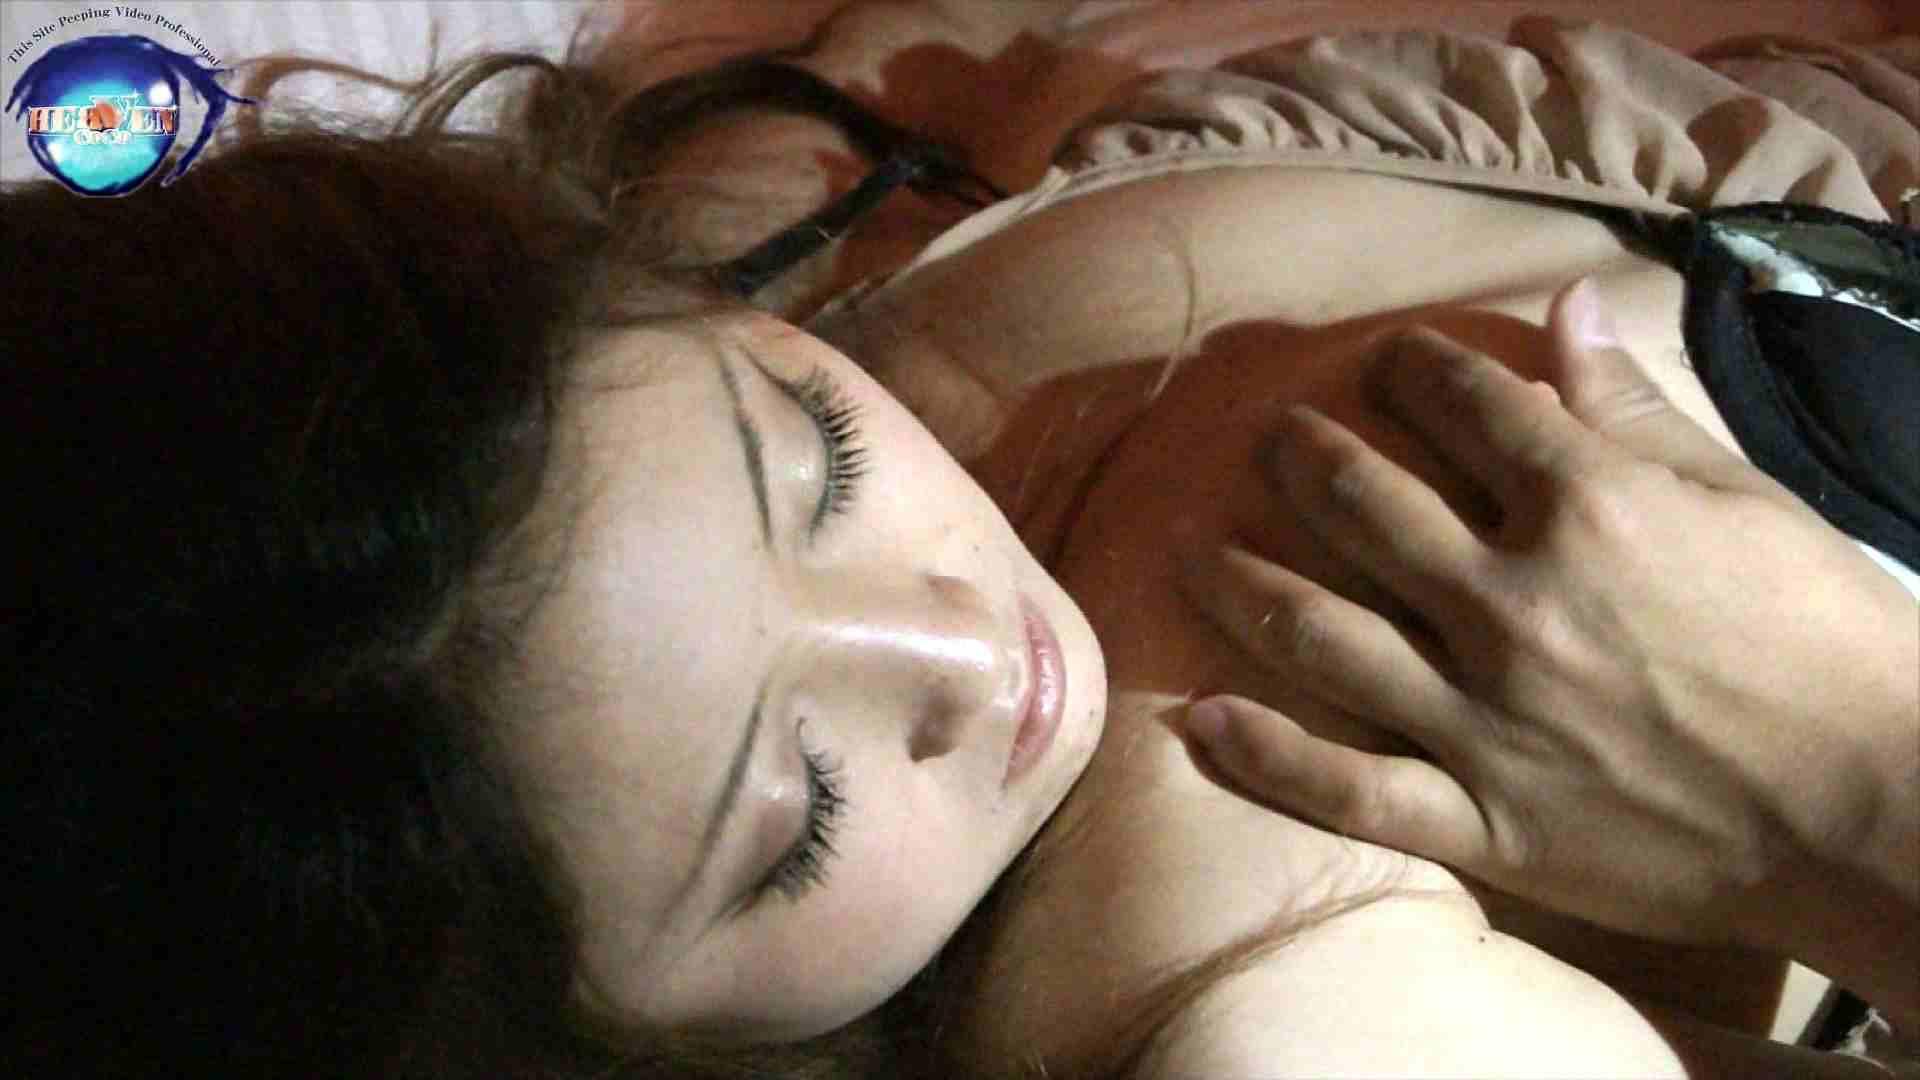 睡魔 シュウライ 第十弐話 イタズラ | 女子大生  108画像 76